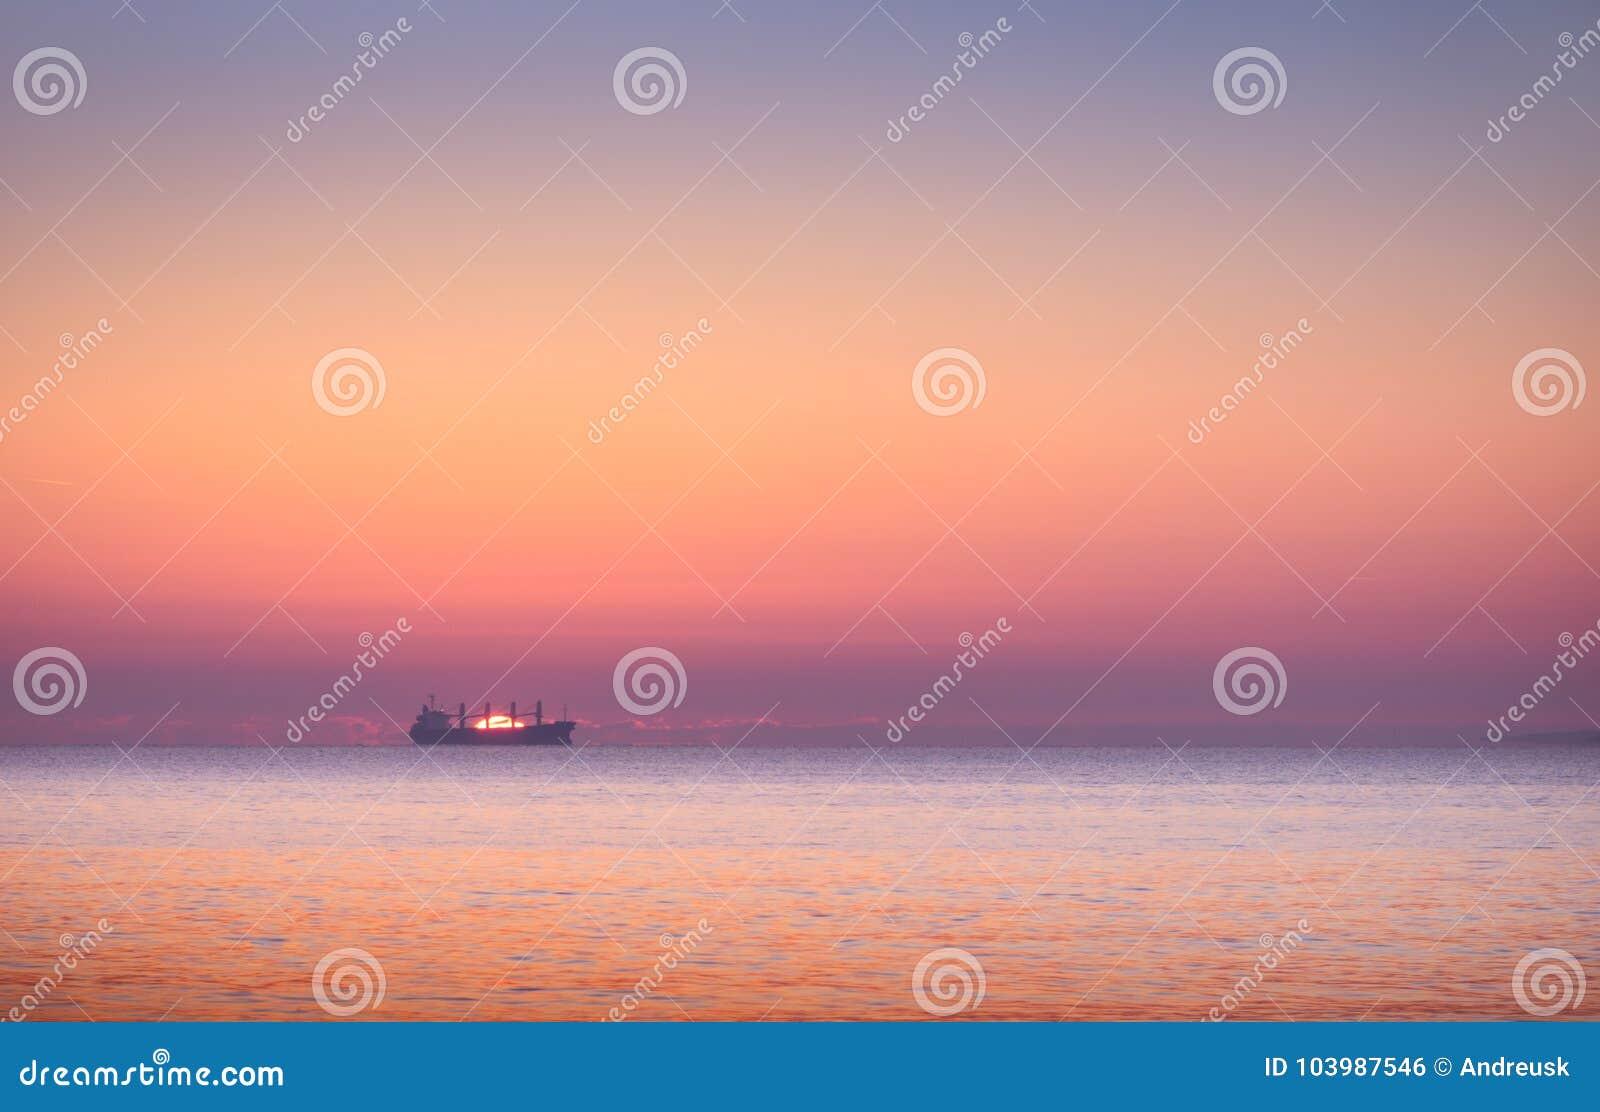 Barca nel mare al tramonto